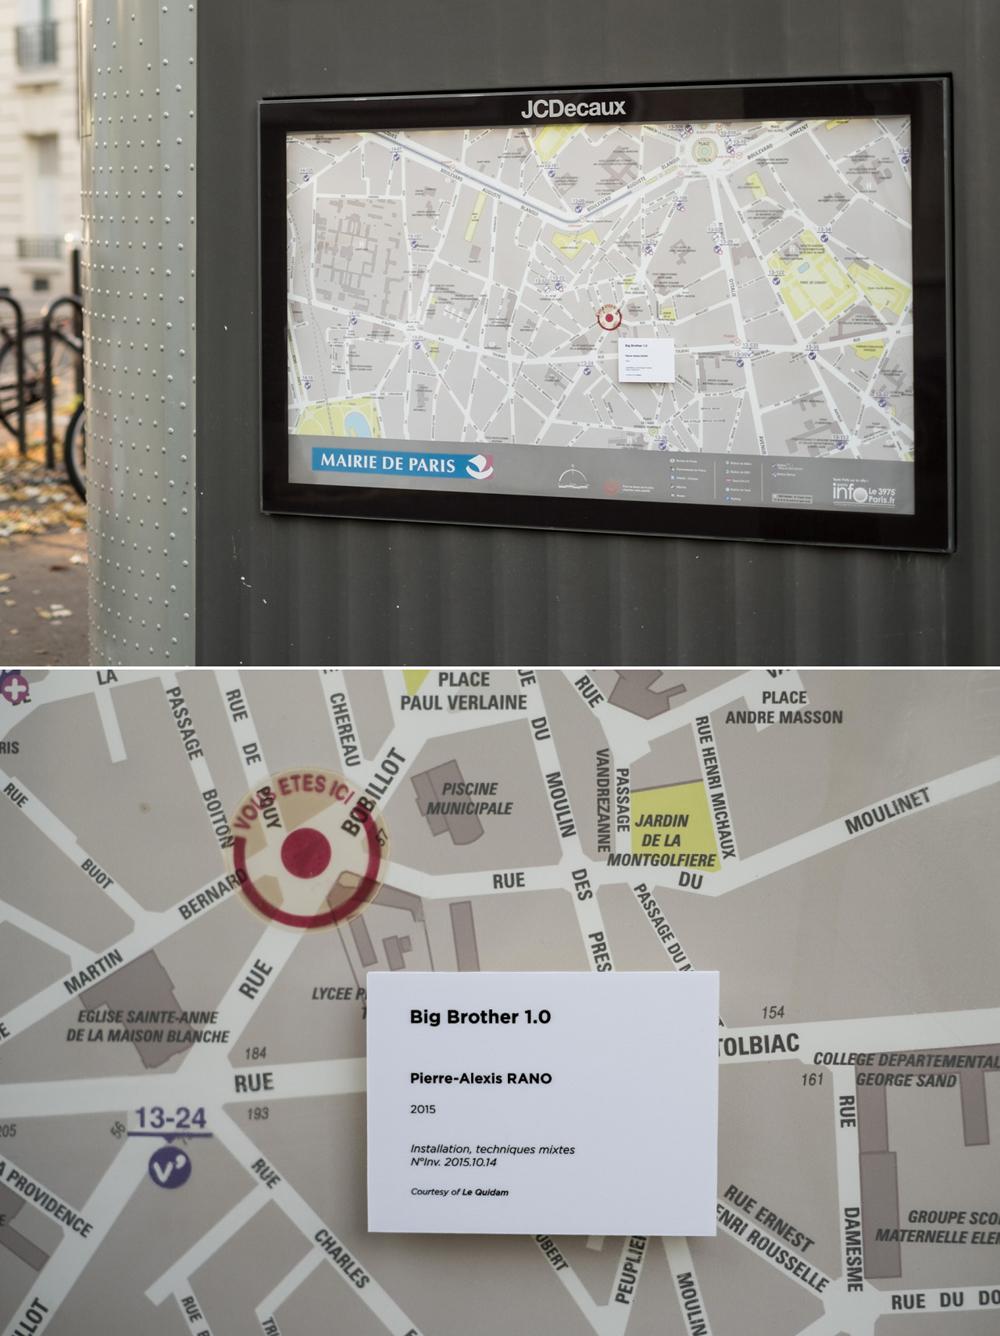 'Big Brother 1.0' - Le Quidam - Foto: lequidam.com